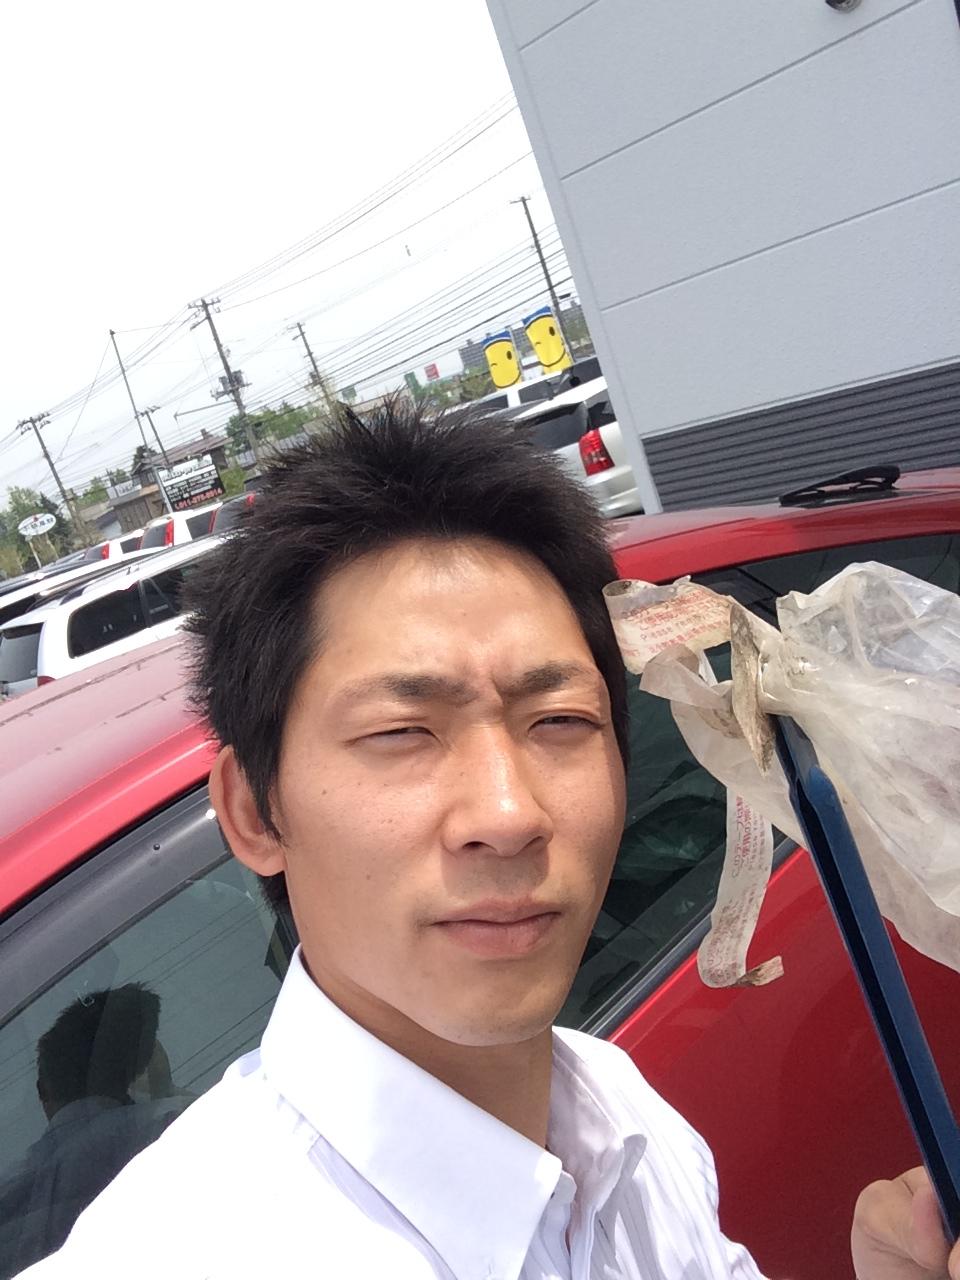 営業マン 北口 寛明(キタグチ ヒロアキ) グッチー_b0127002_10543887.jpg